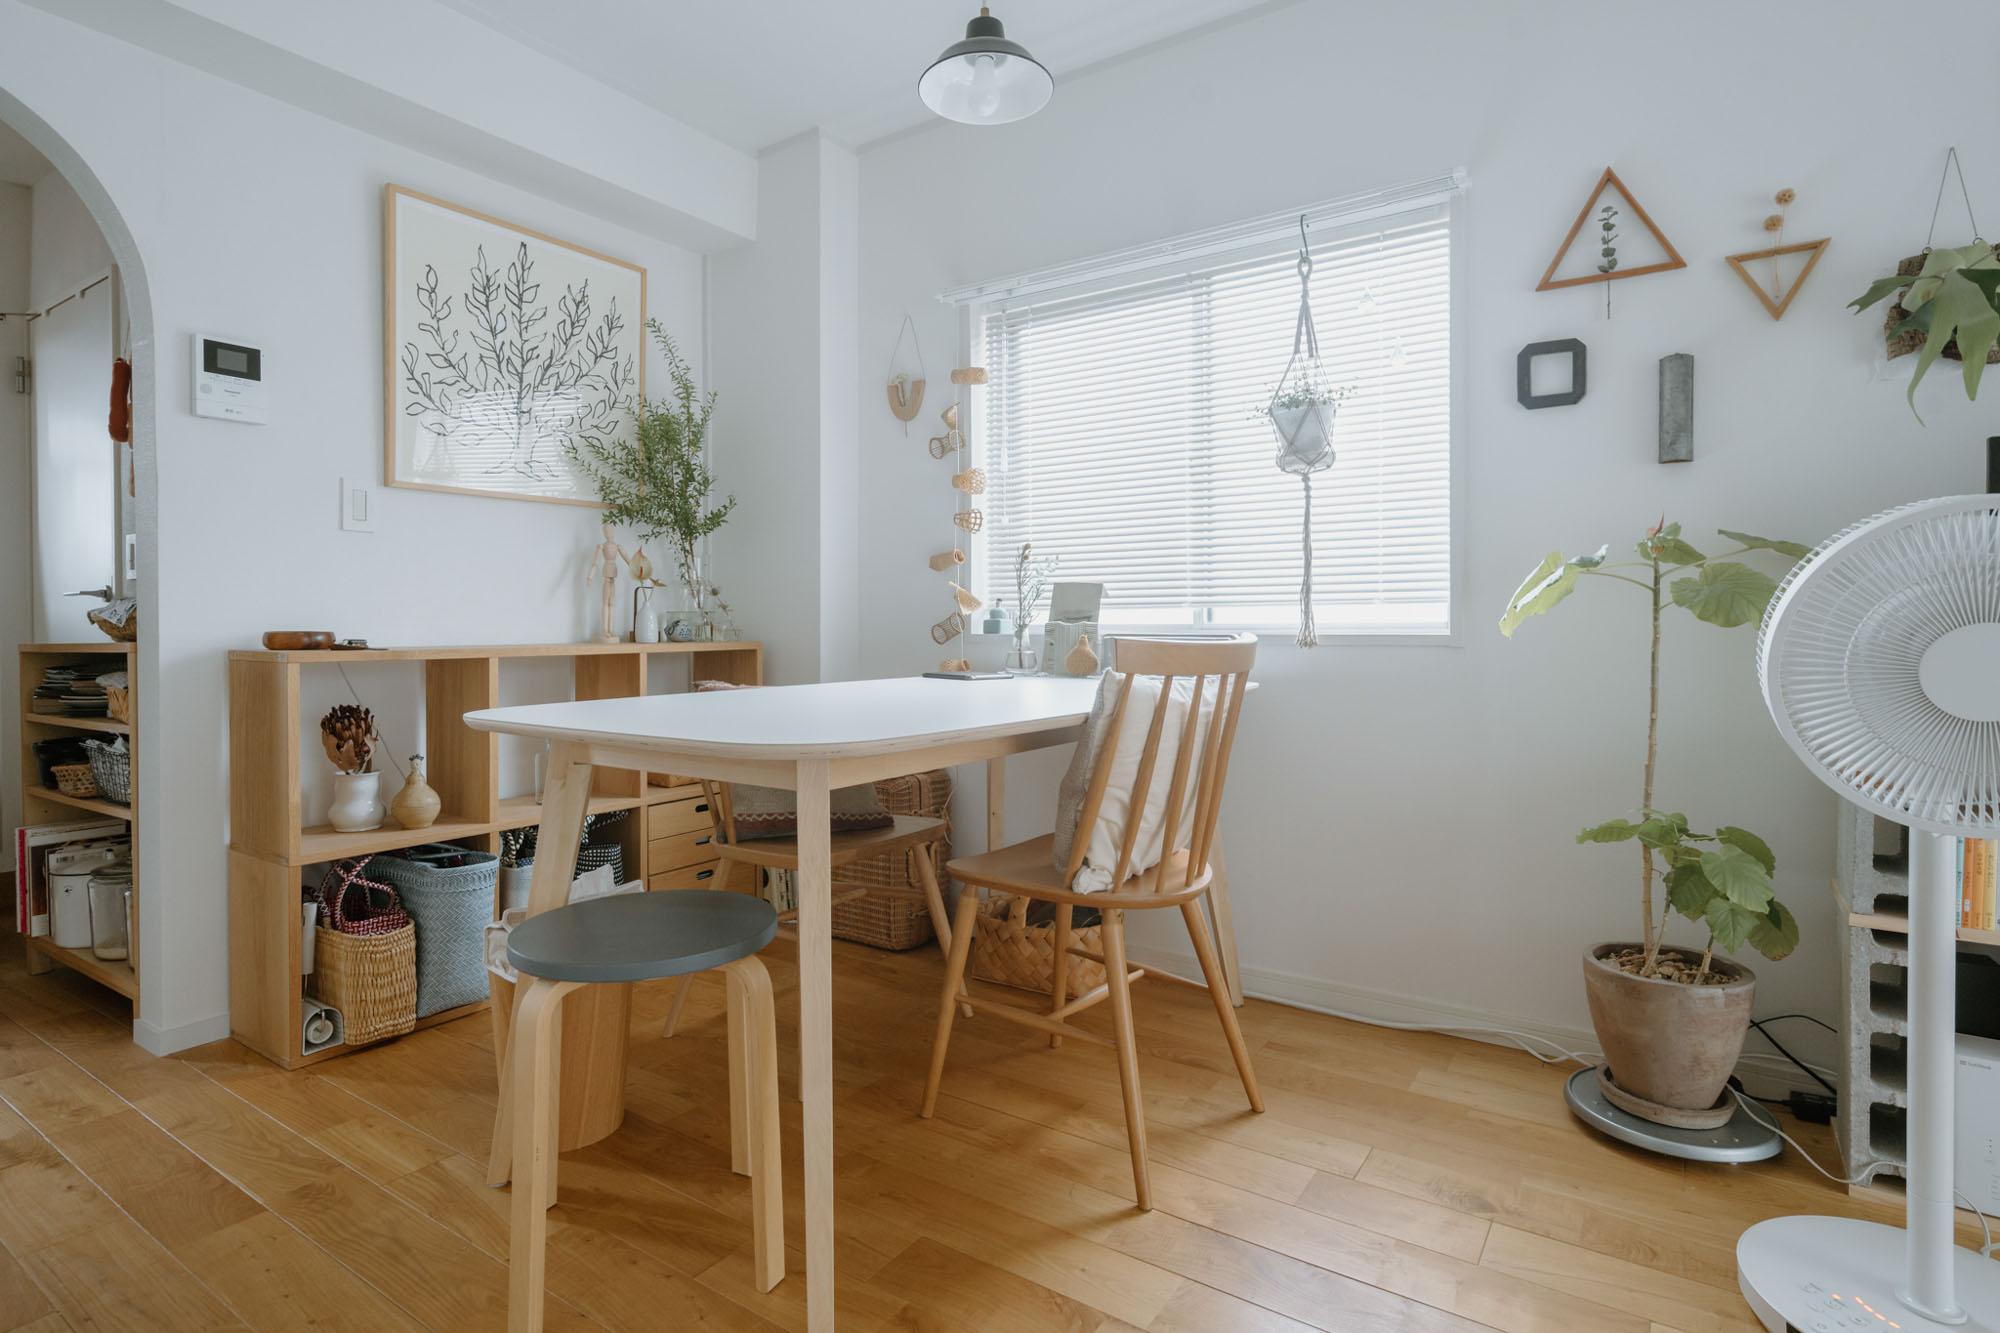 そして、IKEAの大きなダイニングテーブルを置いた、食事とワークスペースとに、お部屋はゆるく分かれています。